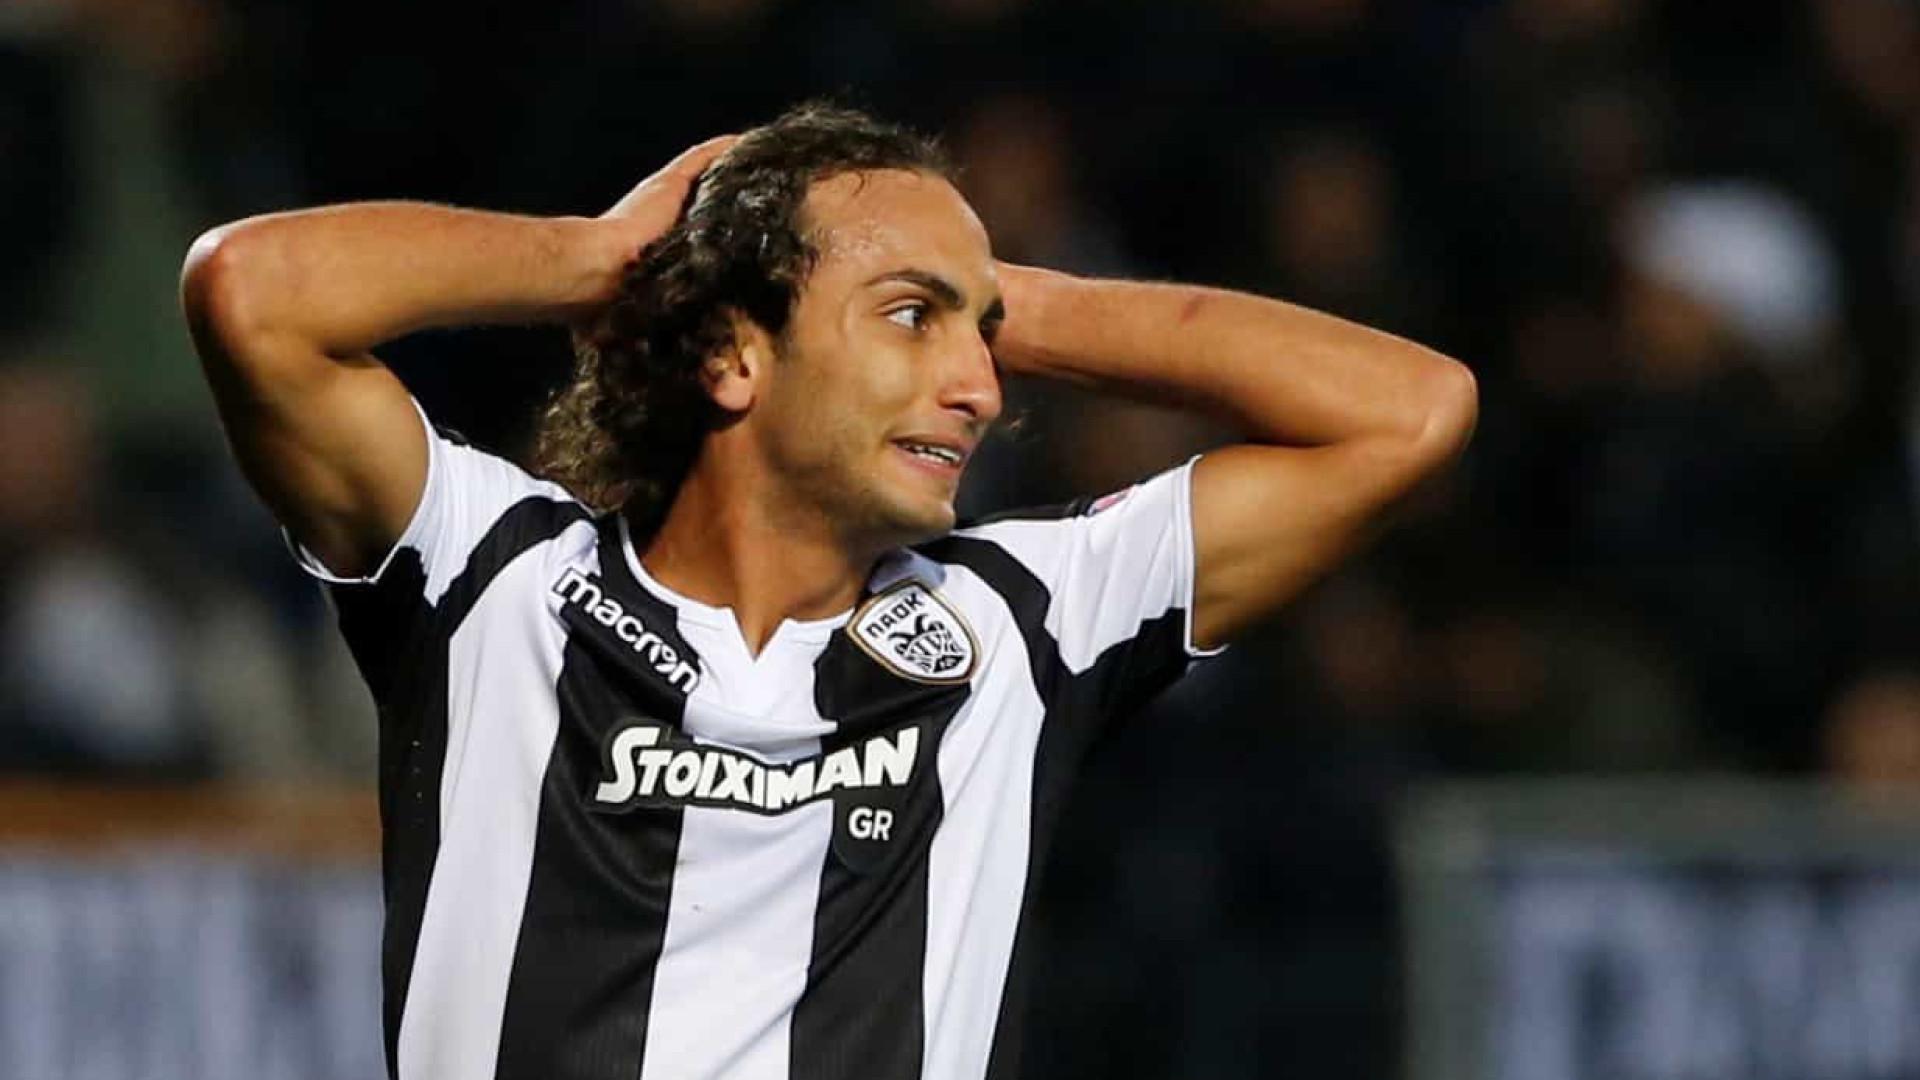 Acusado de assédio sexual, Warda é expulso do time do Egito